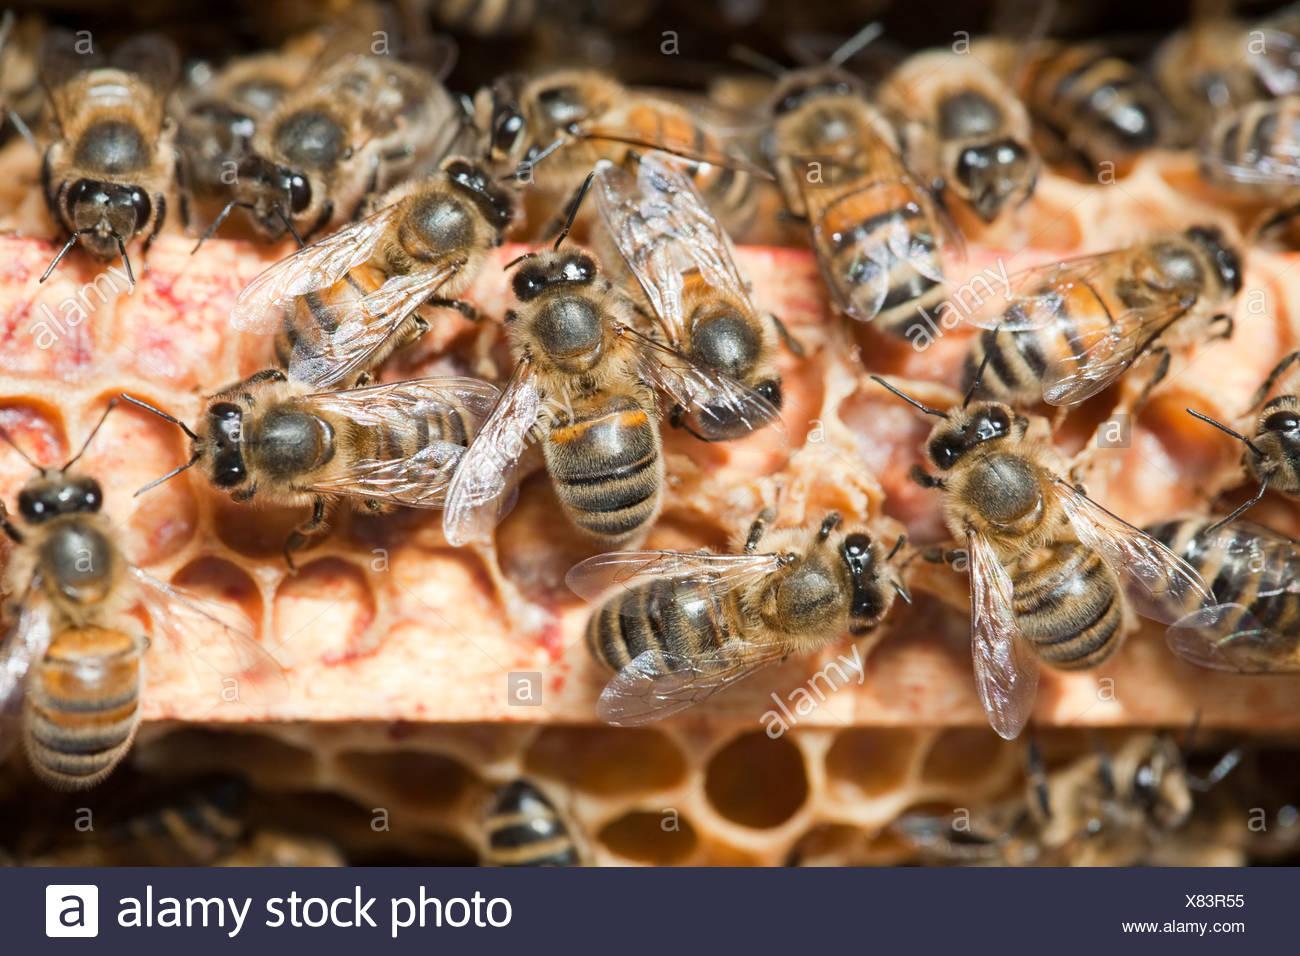 Berühmt Bumble Bee Bienenstock Färbung Seite Ideen - Druckbare ...